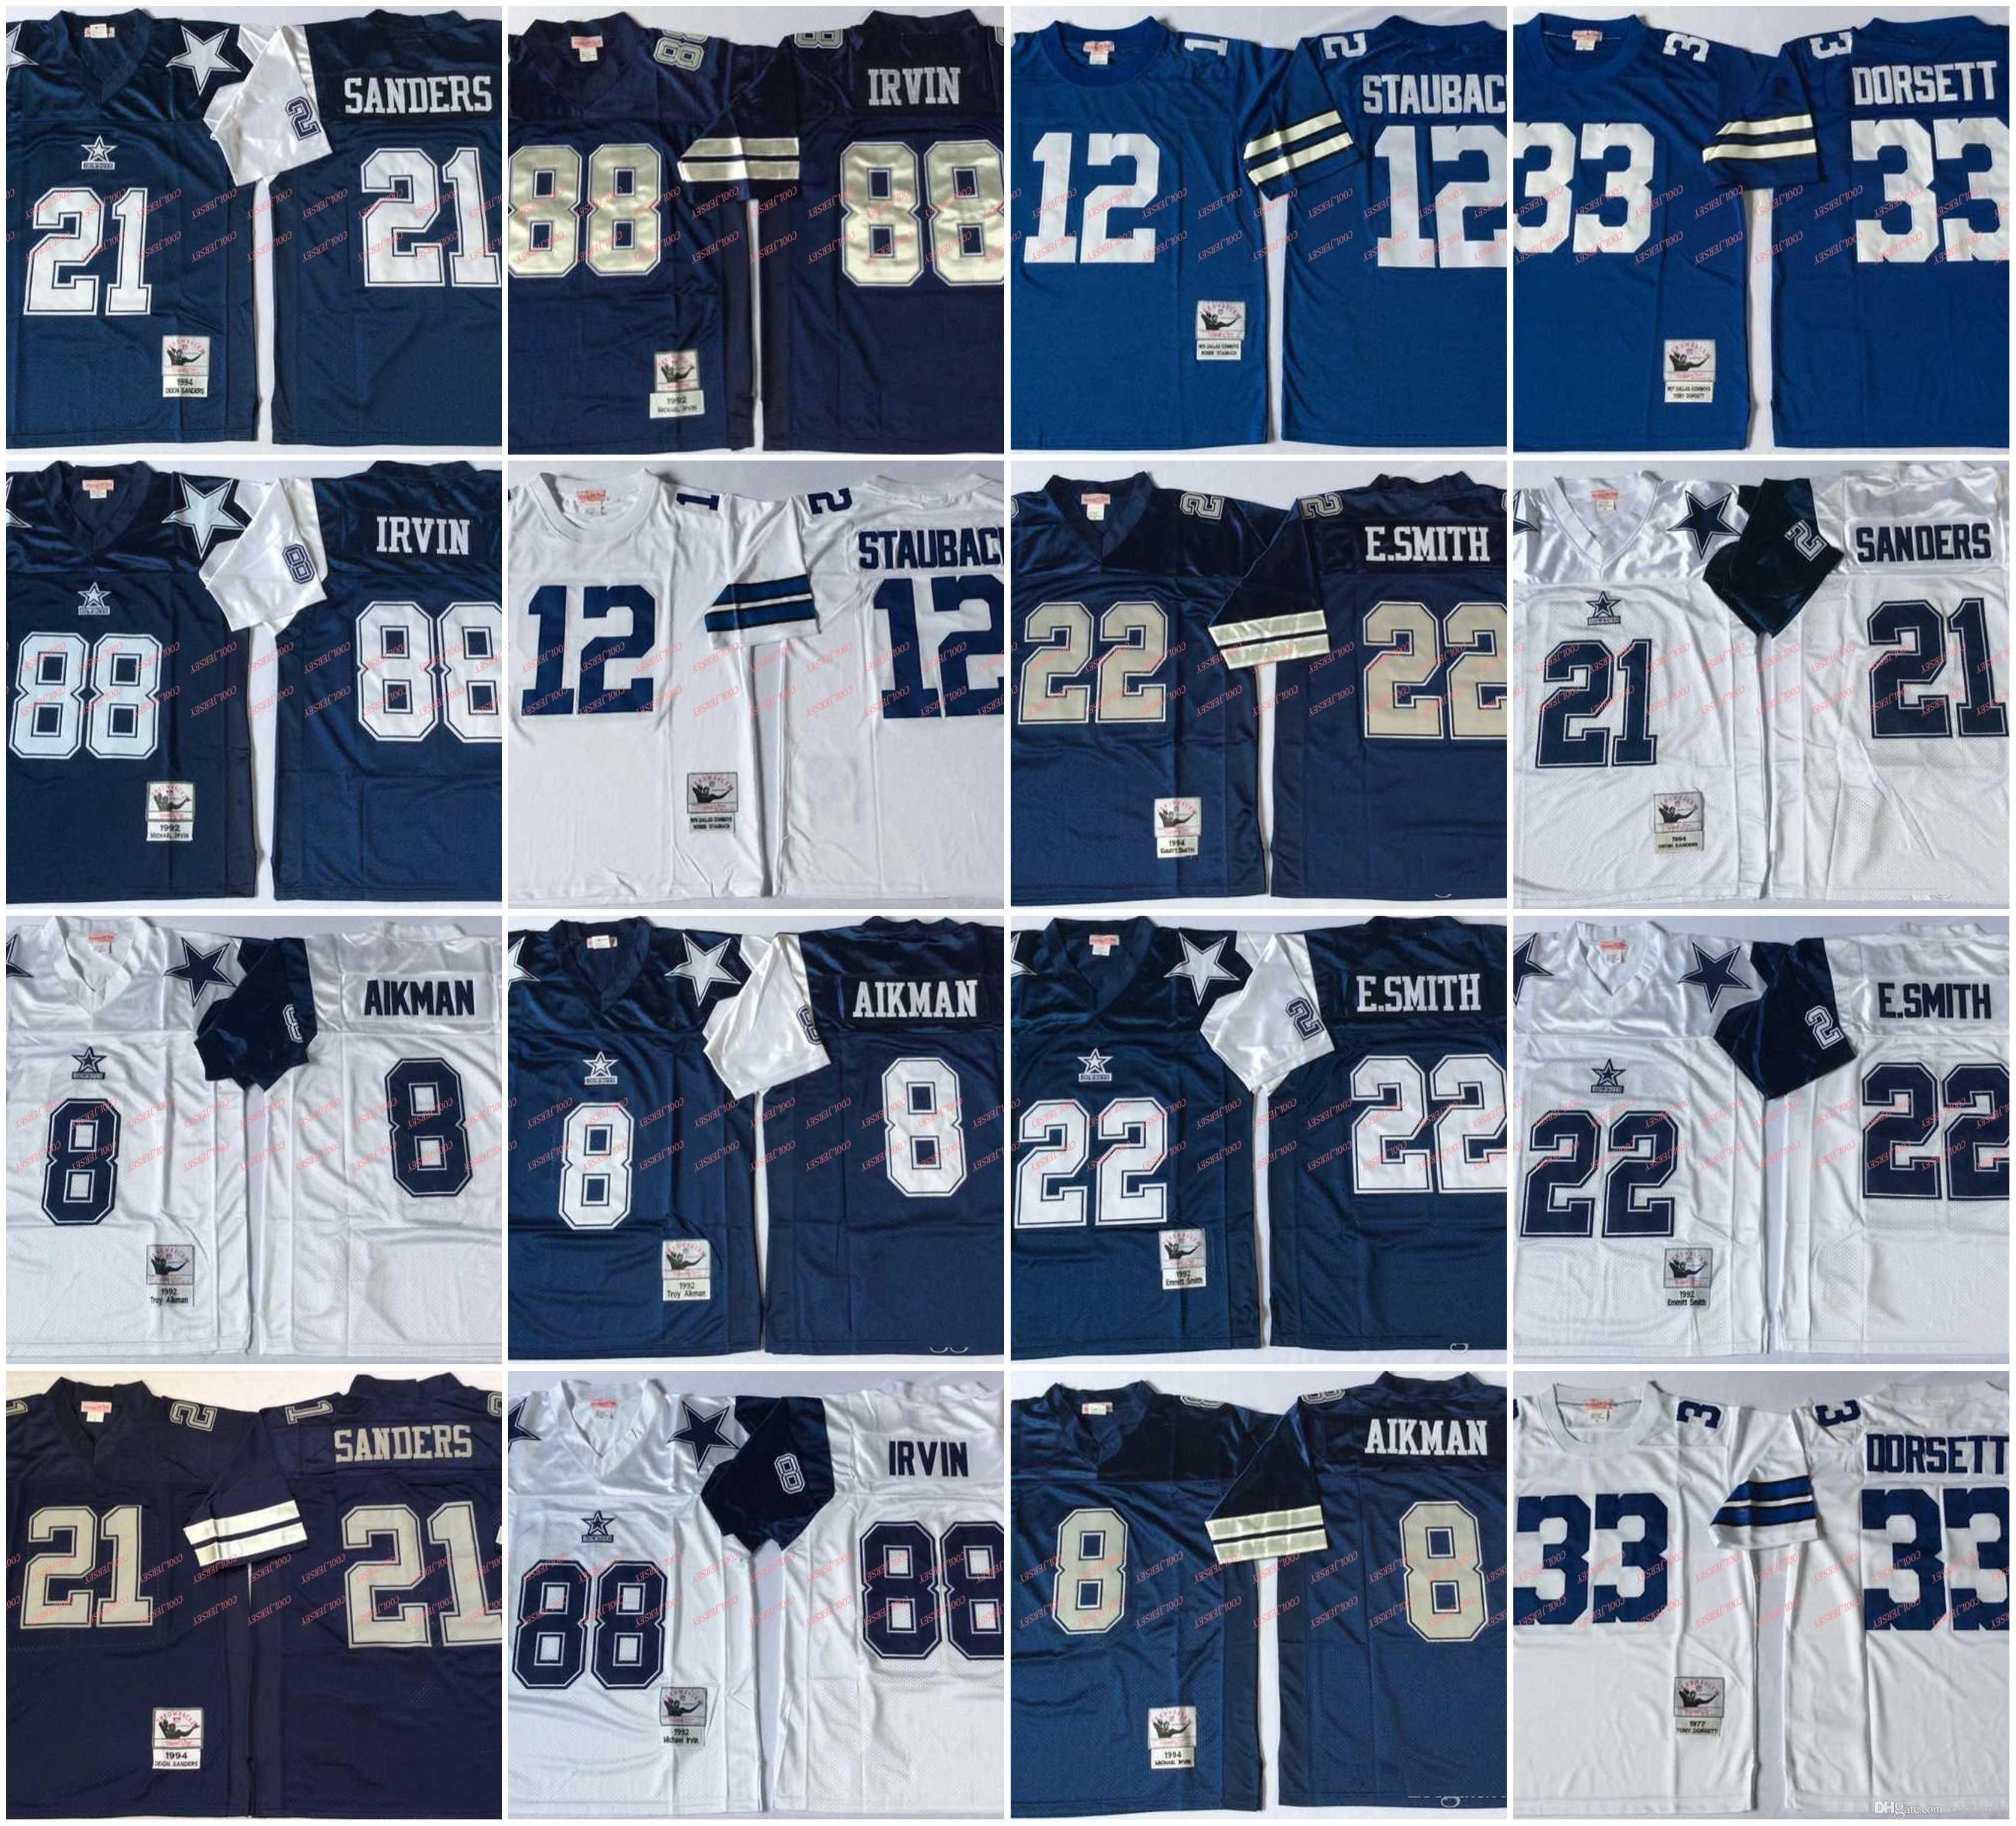 07c60f9d3c6 8 Troy Aikman Vintage Jersey 21 Deion Sanders 12 Roger Staubach 22 ...